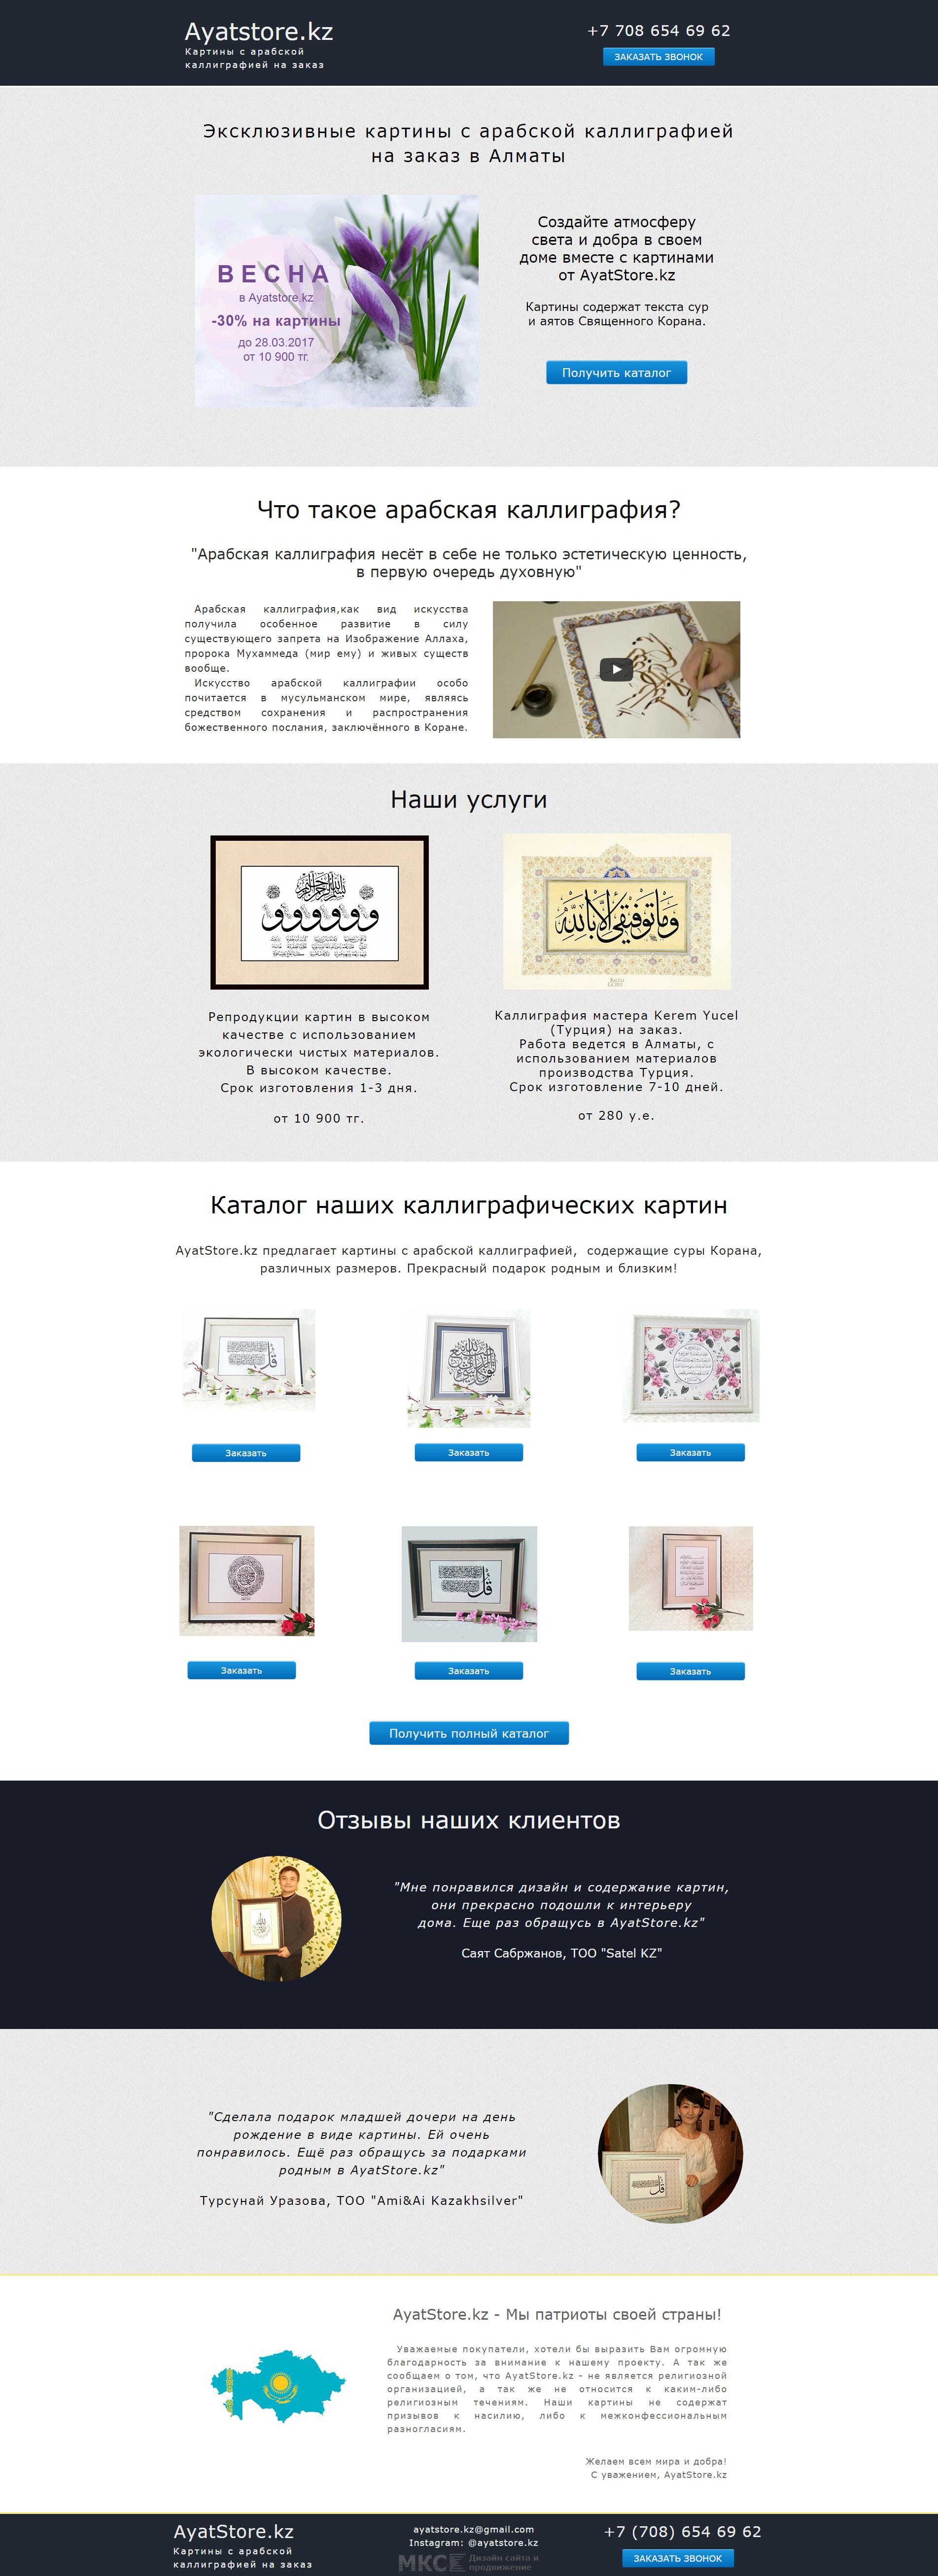 Фото Была выполнена работа для стартапа по арабской каллиграфии, два версии сайта: десктопная и для смартфонов. 2016 год.